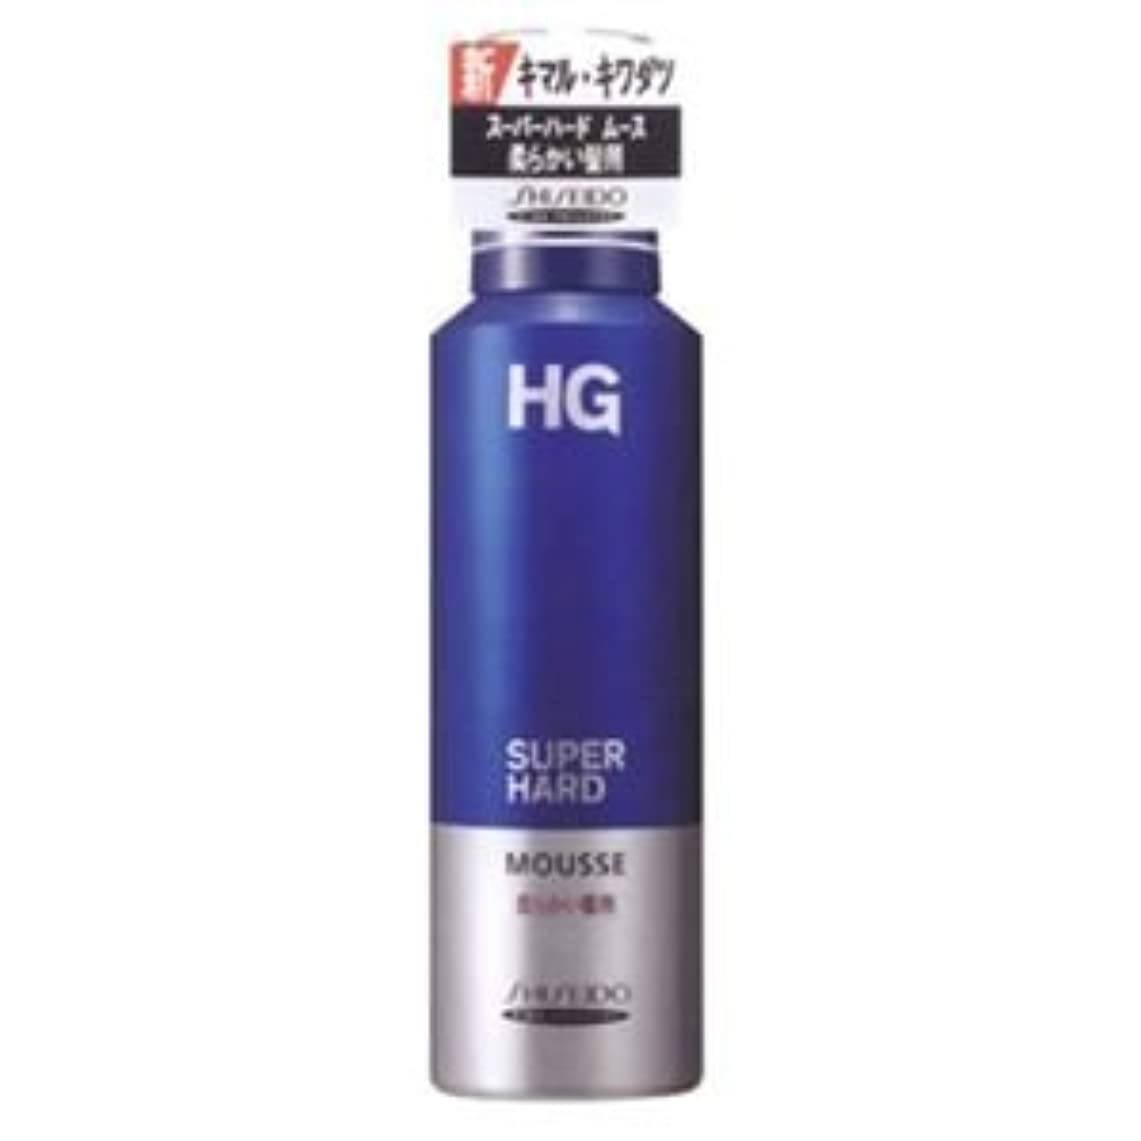 愛撫商品原油HG スーパーハードムース 柔らかい髪用 5セット